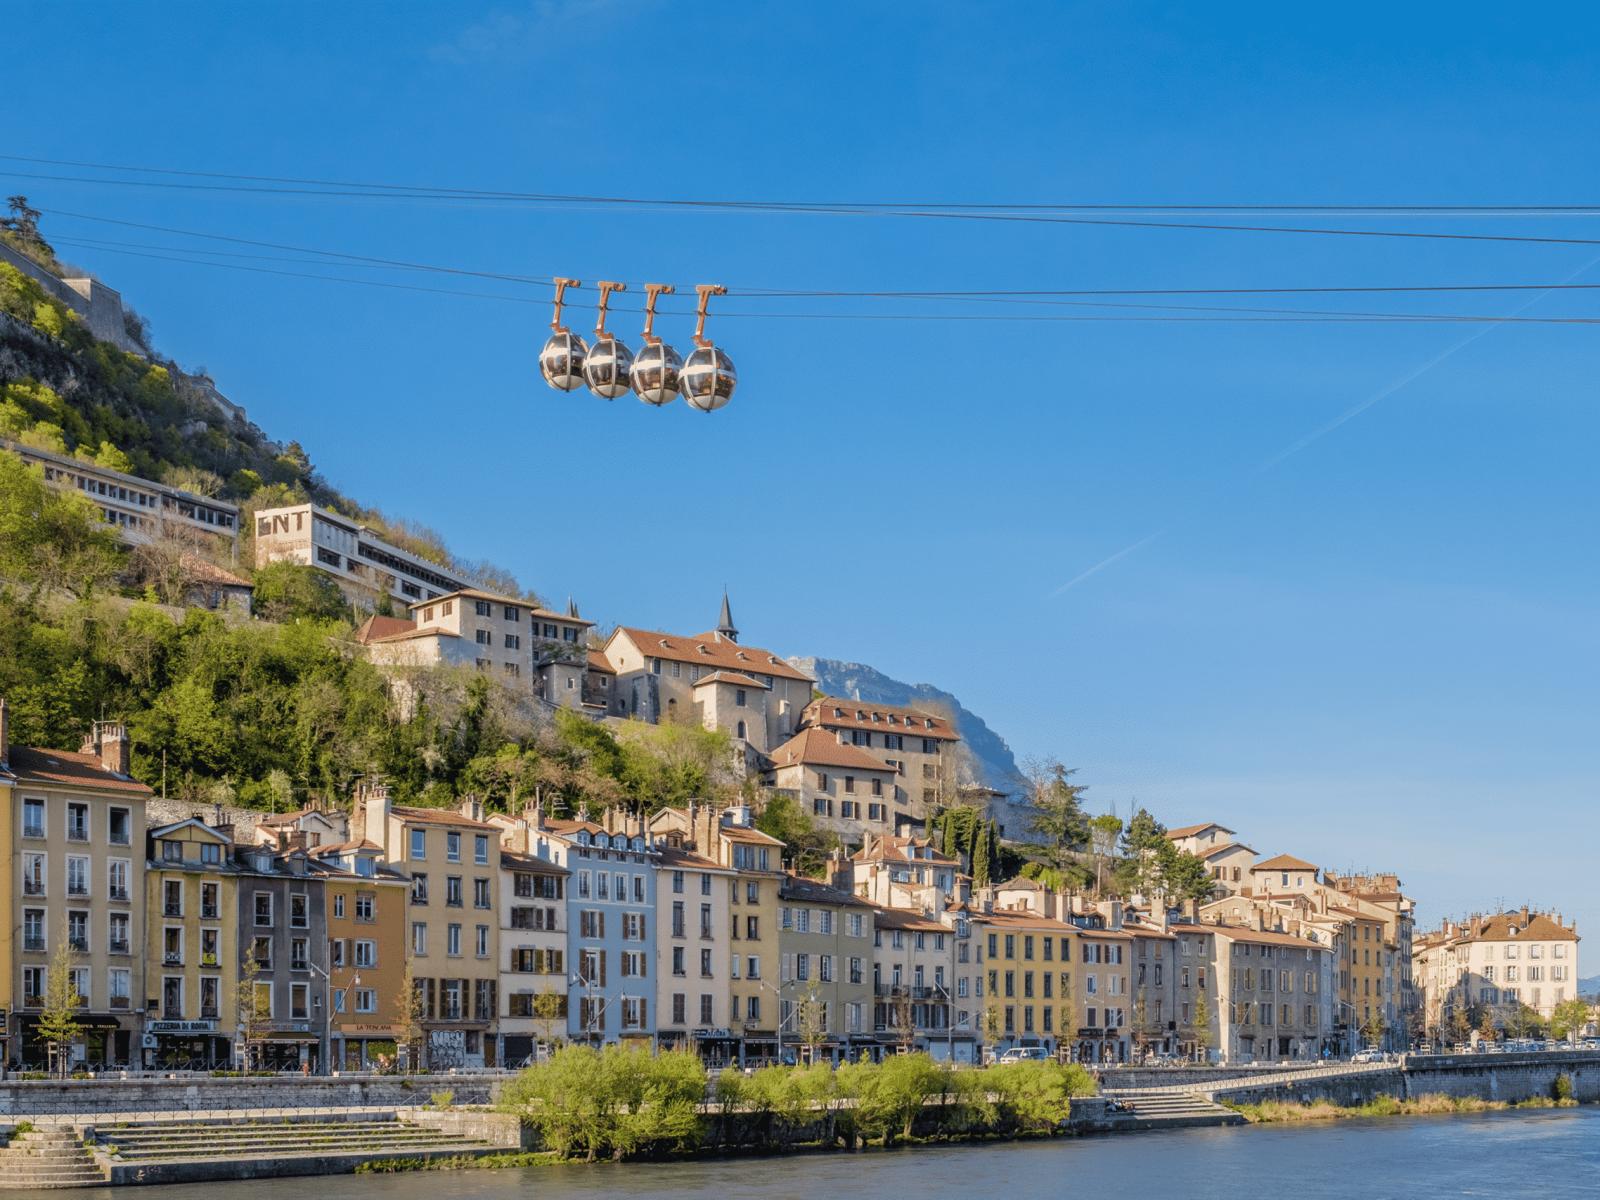 Les quais de l'Isère et les _bulles_ de Grenoble en Isère